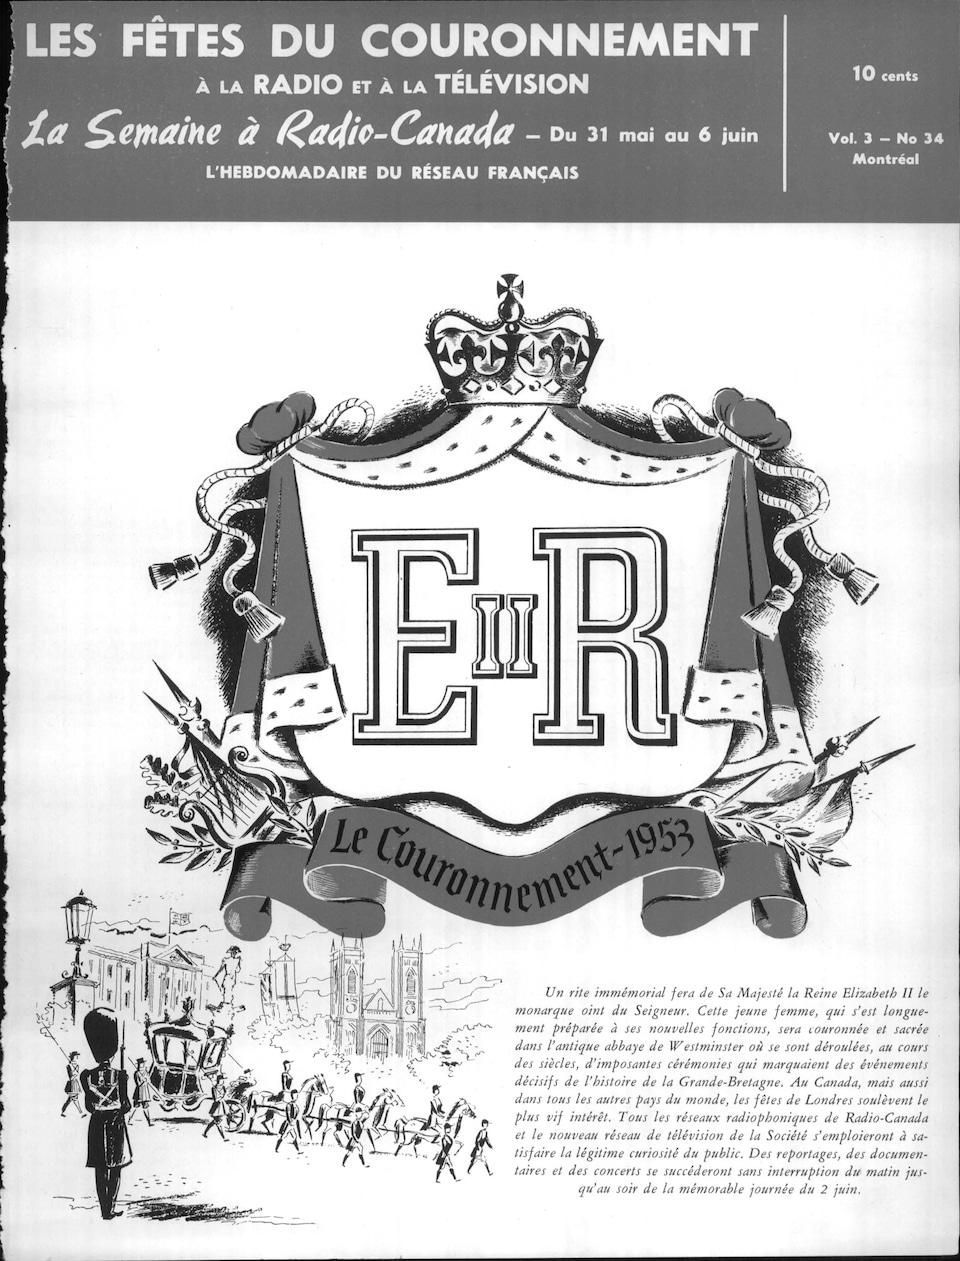 Page couverture du magazine La Semaine à Radio-Canada du 31 mai 1953 illustrant la programmation spéciale pour le couronnement de la reine.